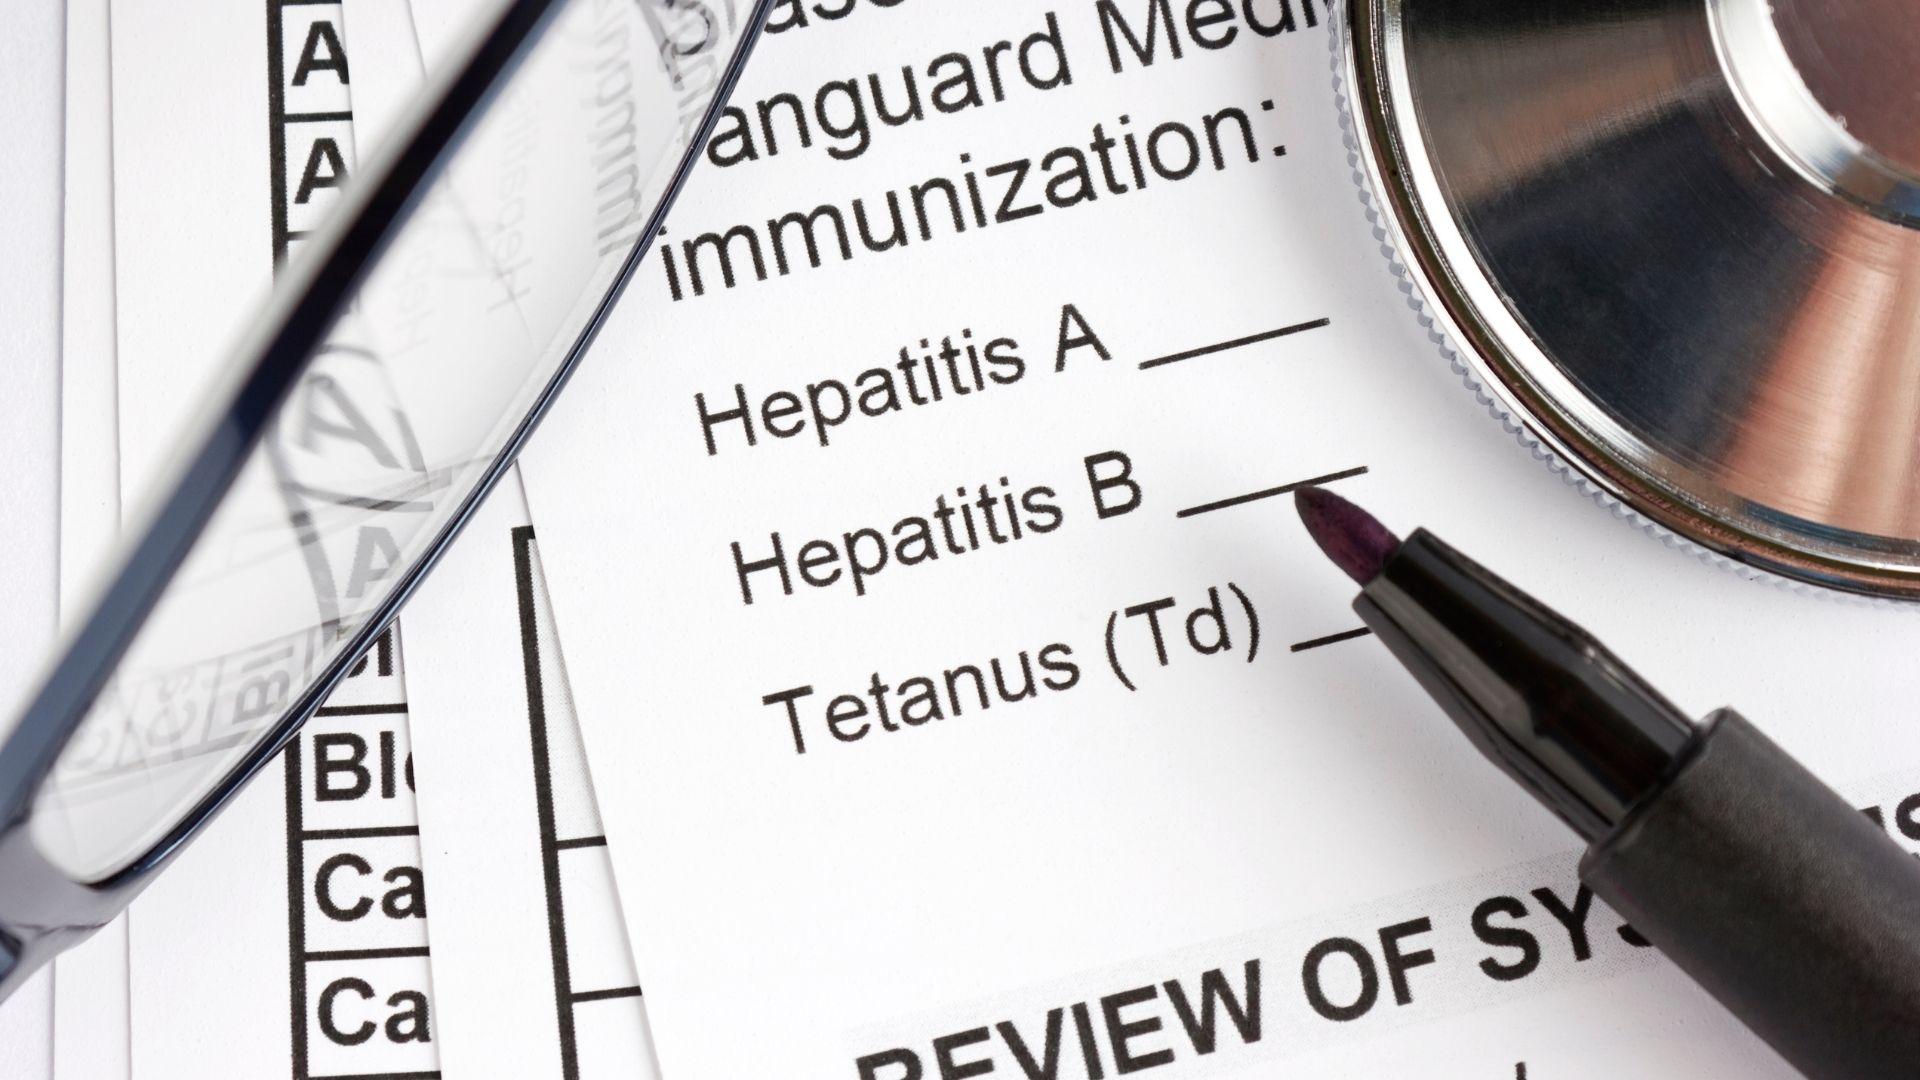 Hepatite medicamentosa em decorrência do uso do kit covid